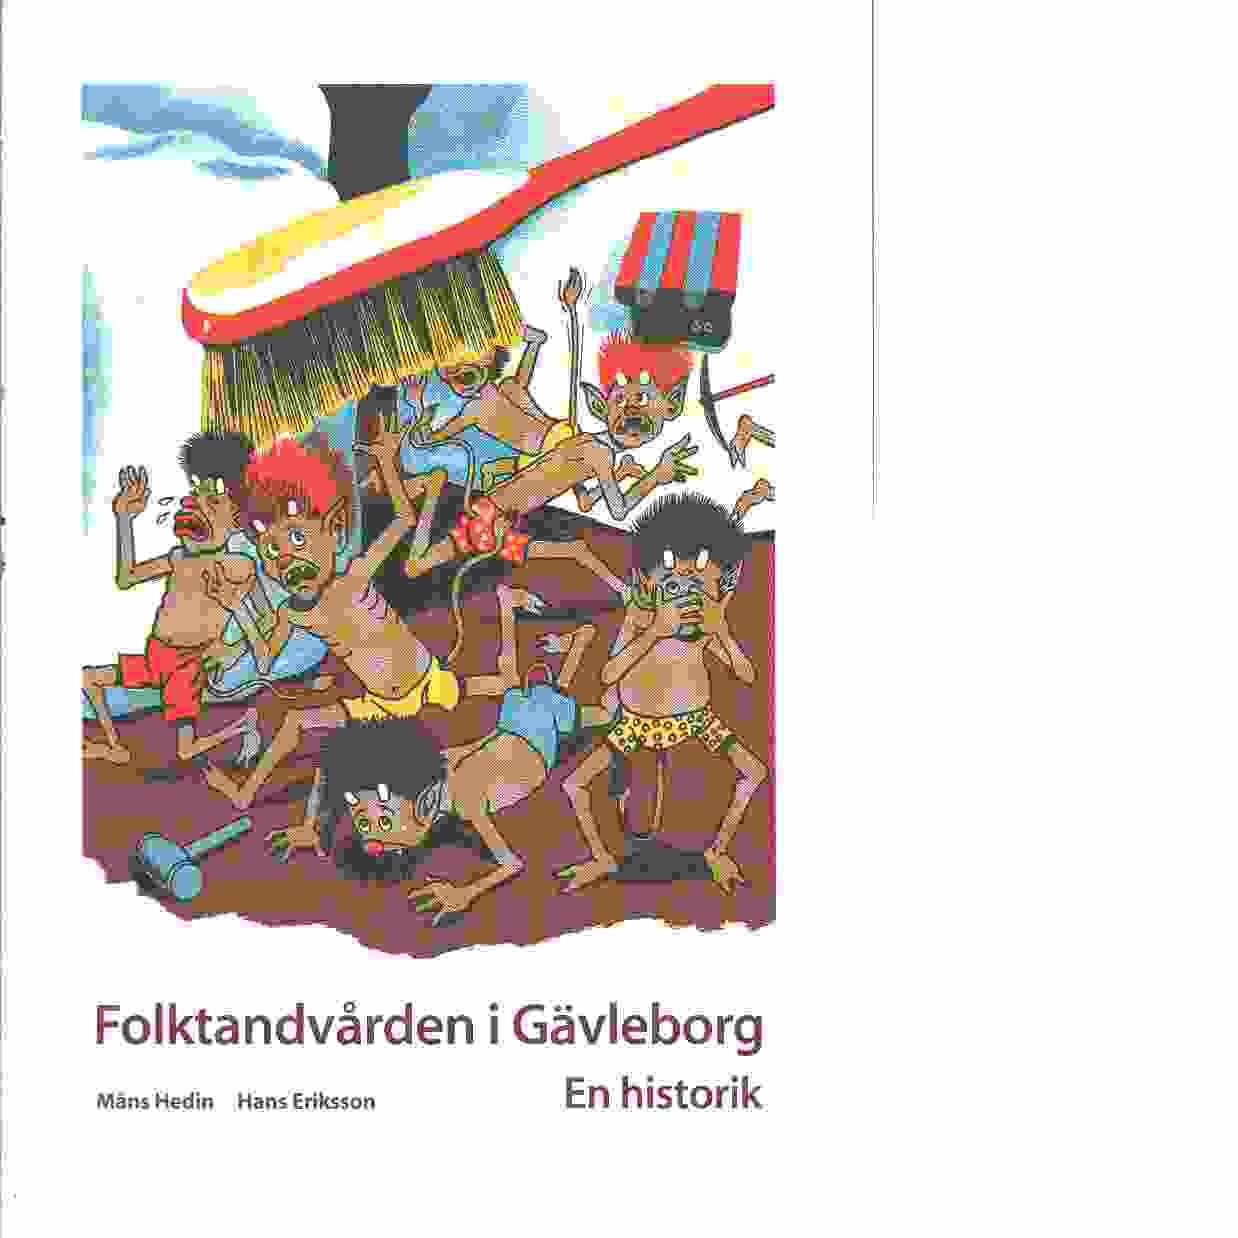 Folktandvården i Gävleborg : en historik - Hedin, Måns och Eriksson, Hans